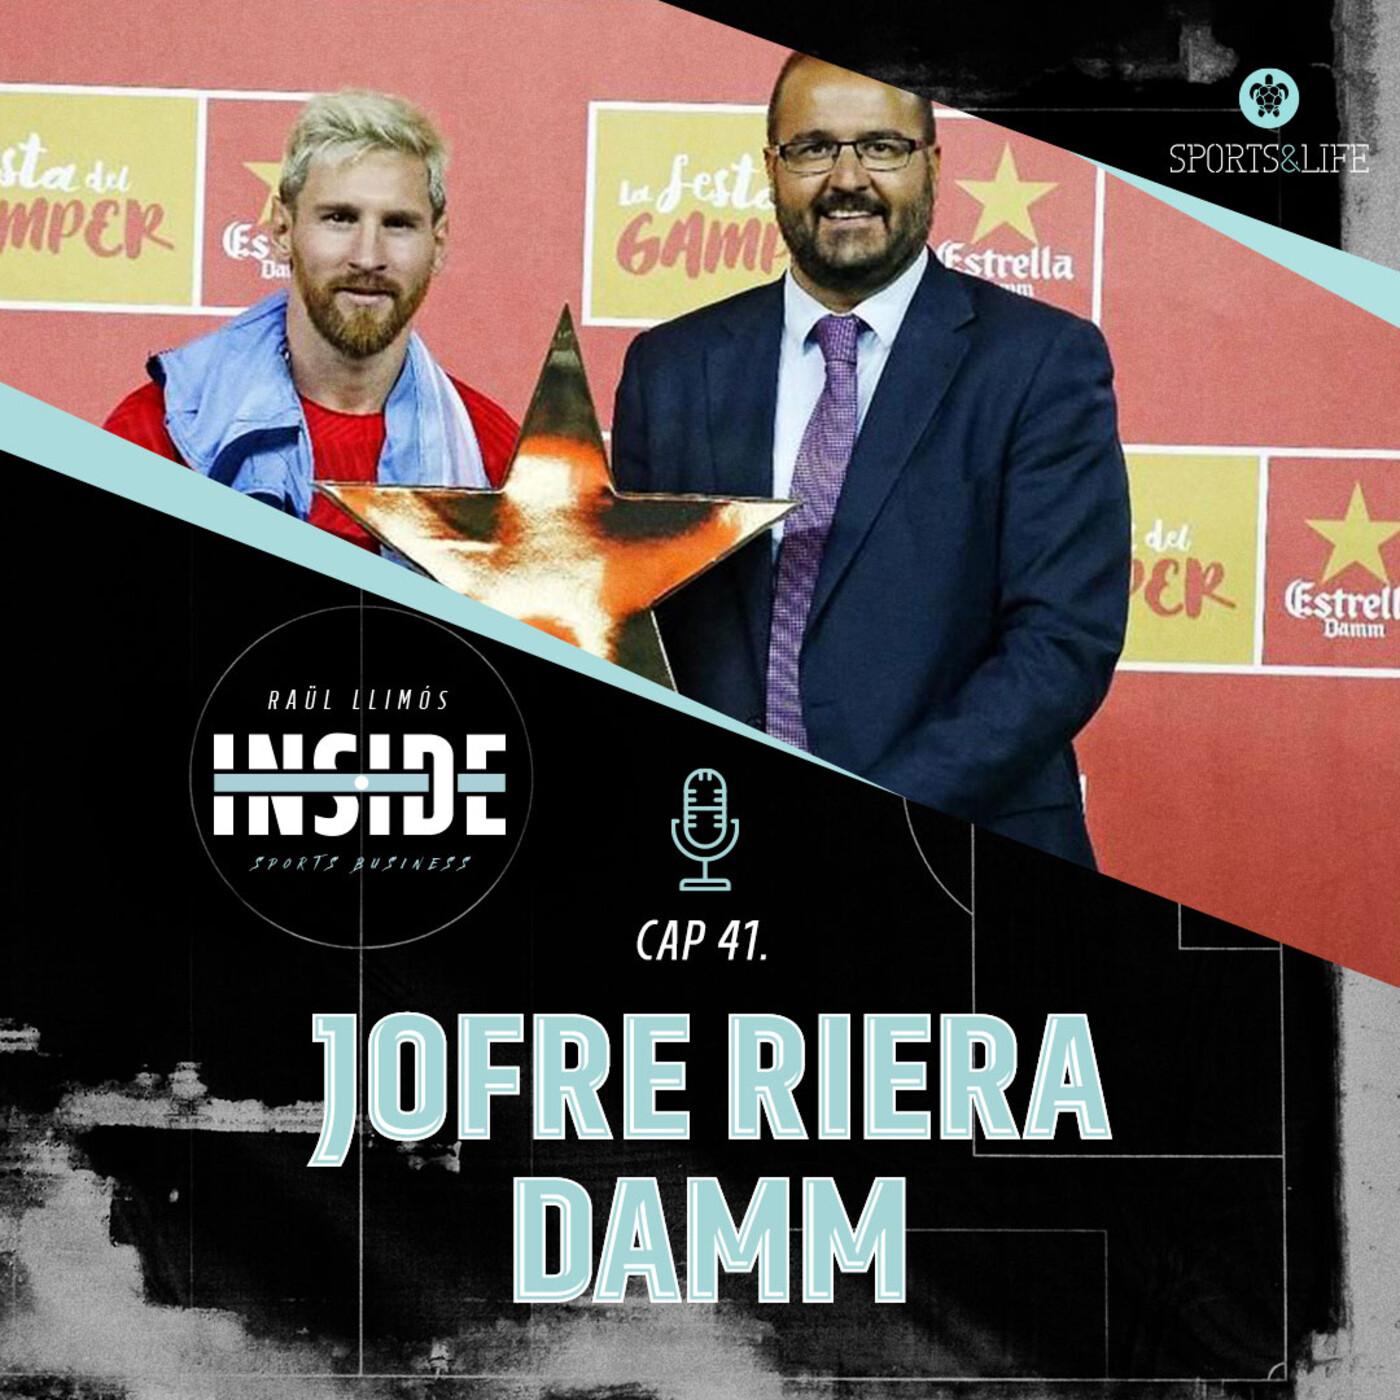 #41. Jofre Riera (DAMM)